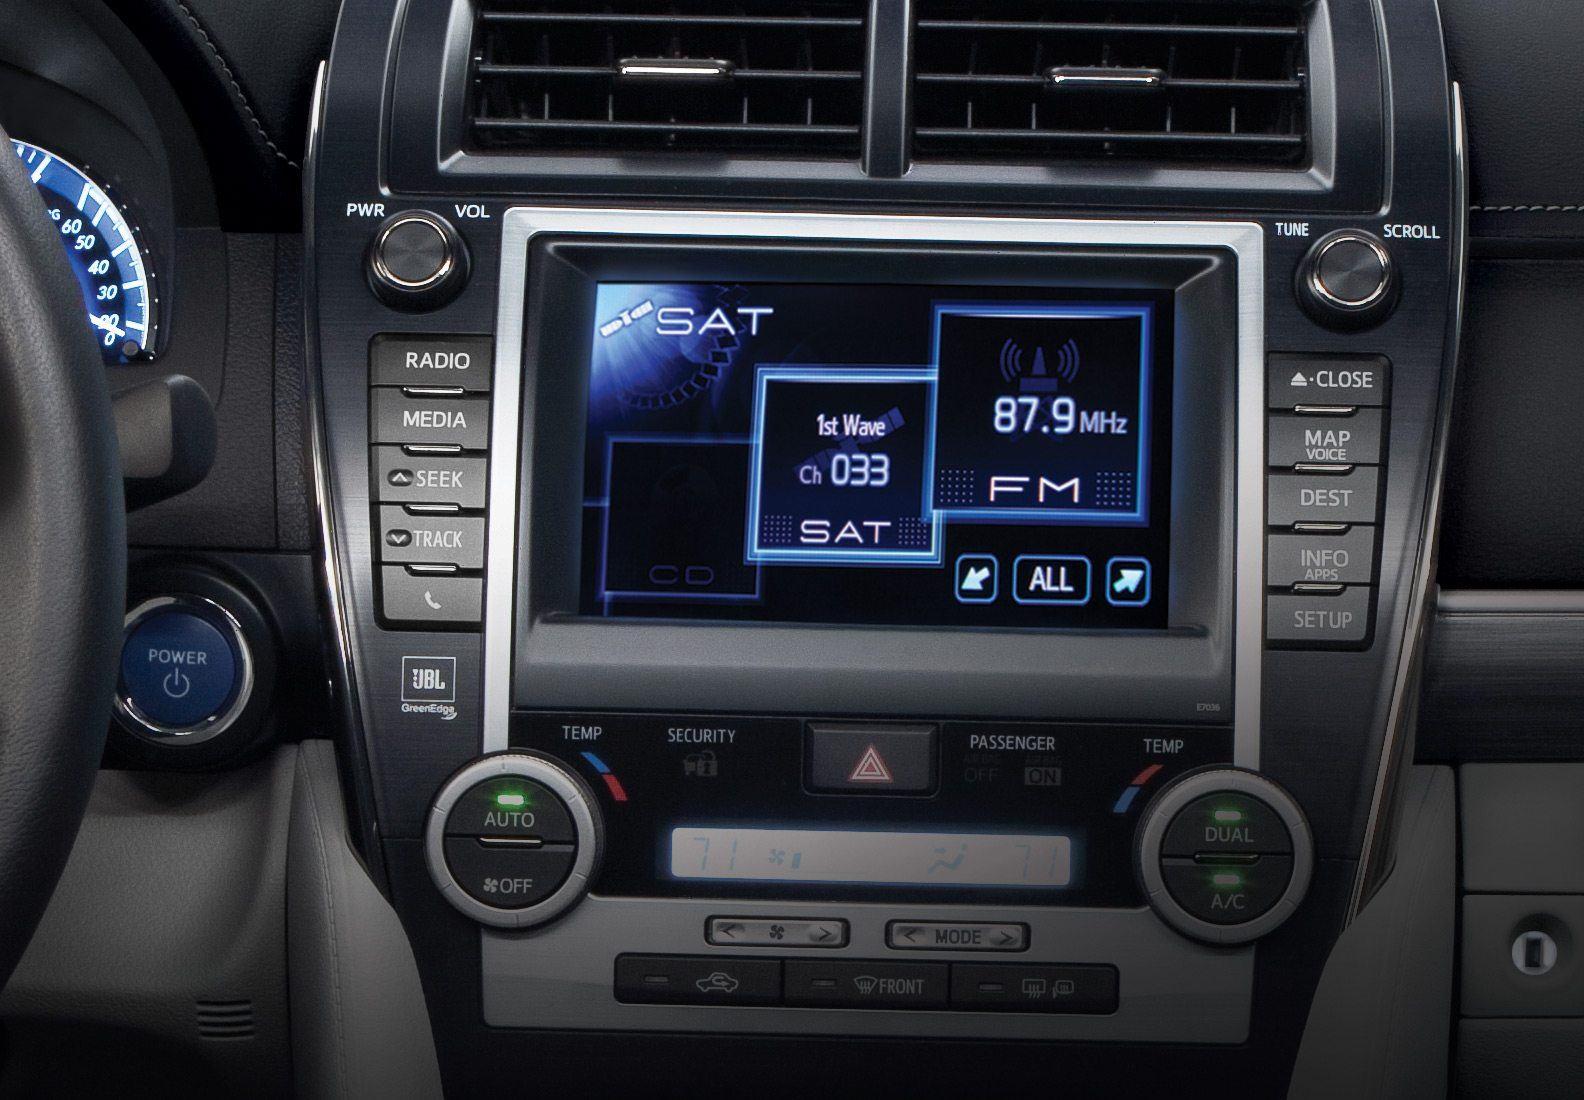 Siriusxm Satellite Radio Kit Toyota Lexus Scion